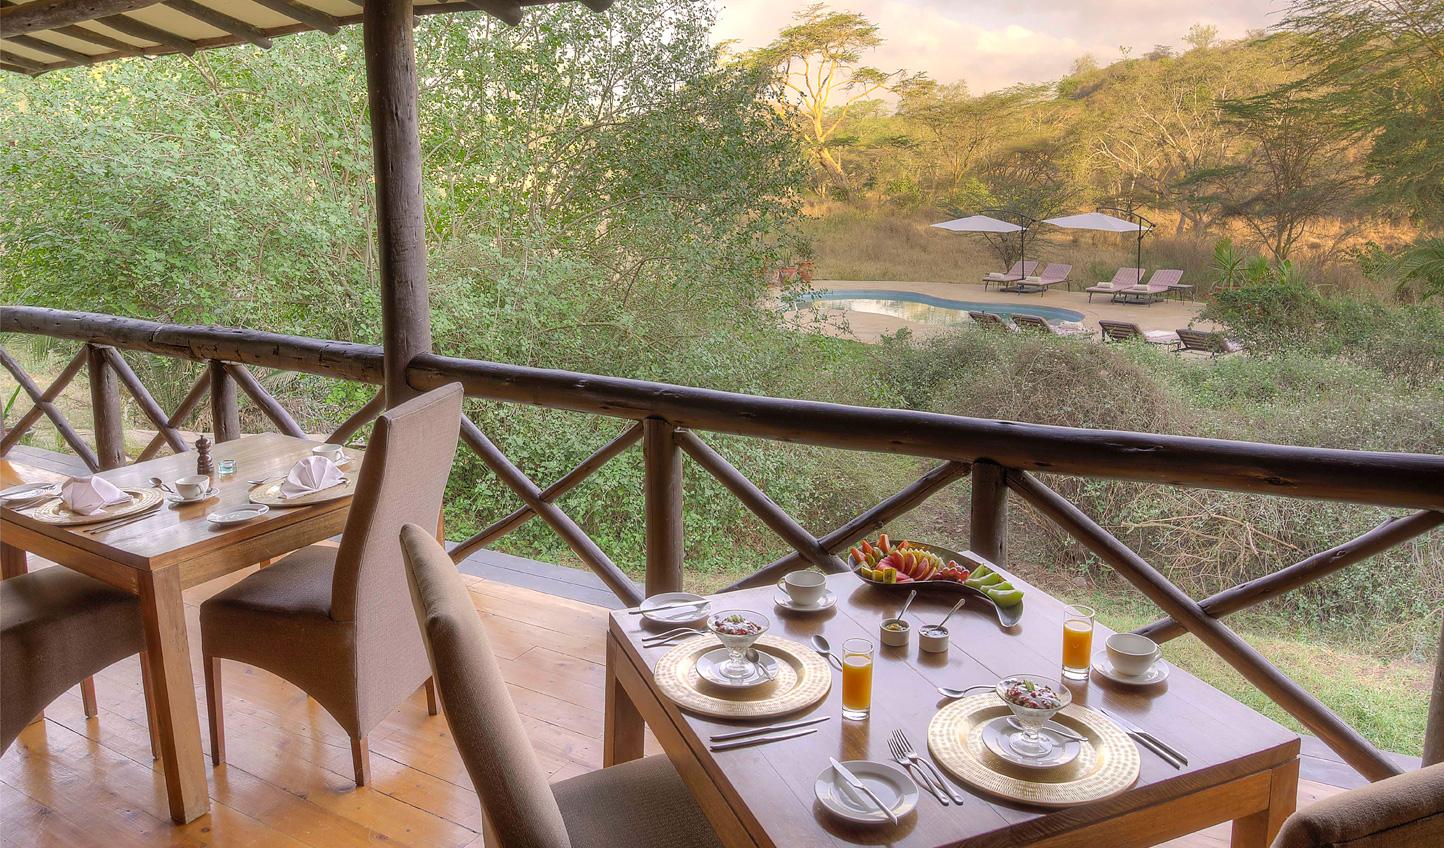 Breakfast outdoors in the Kenyan heat